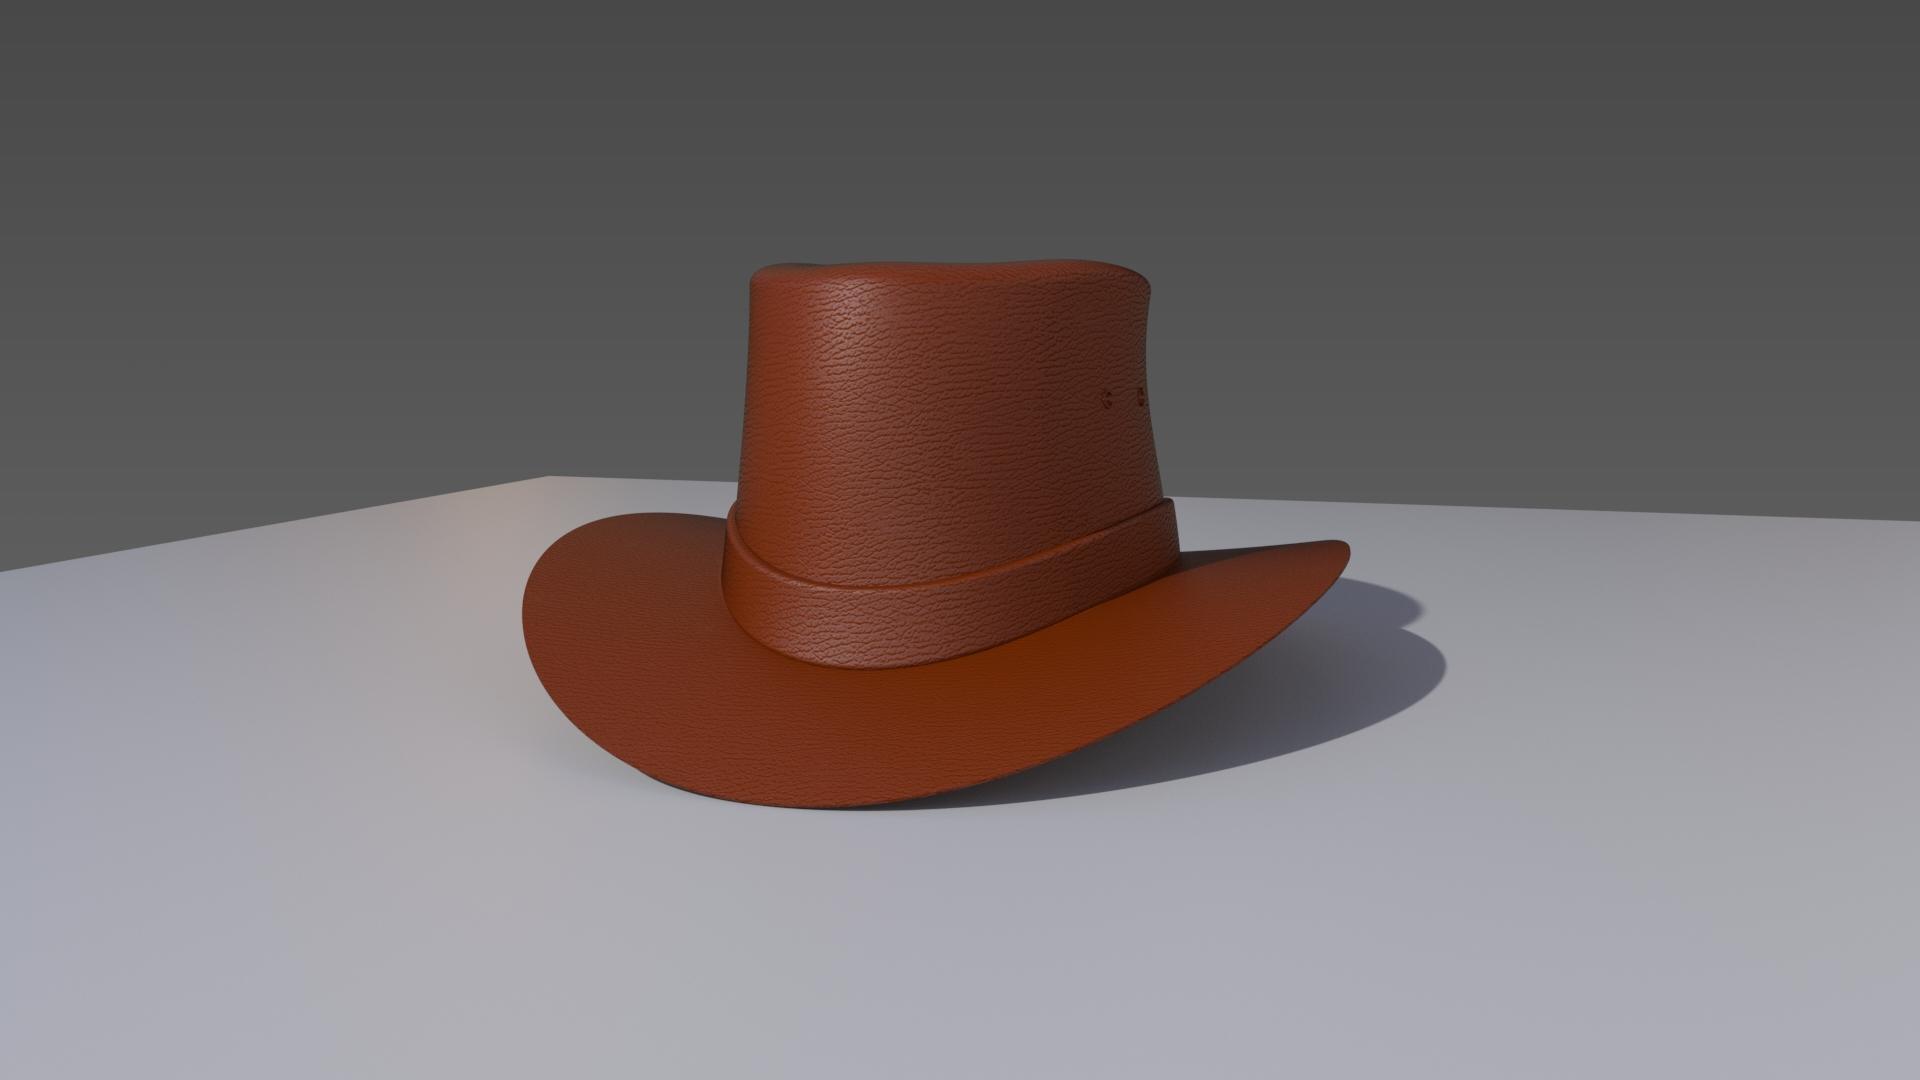 Hatt1.2